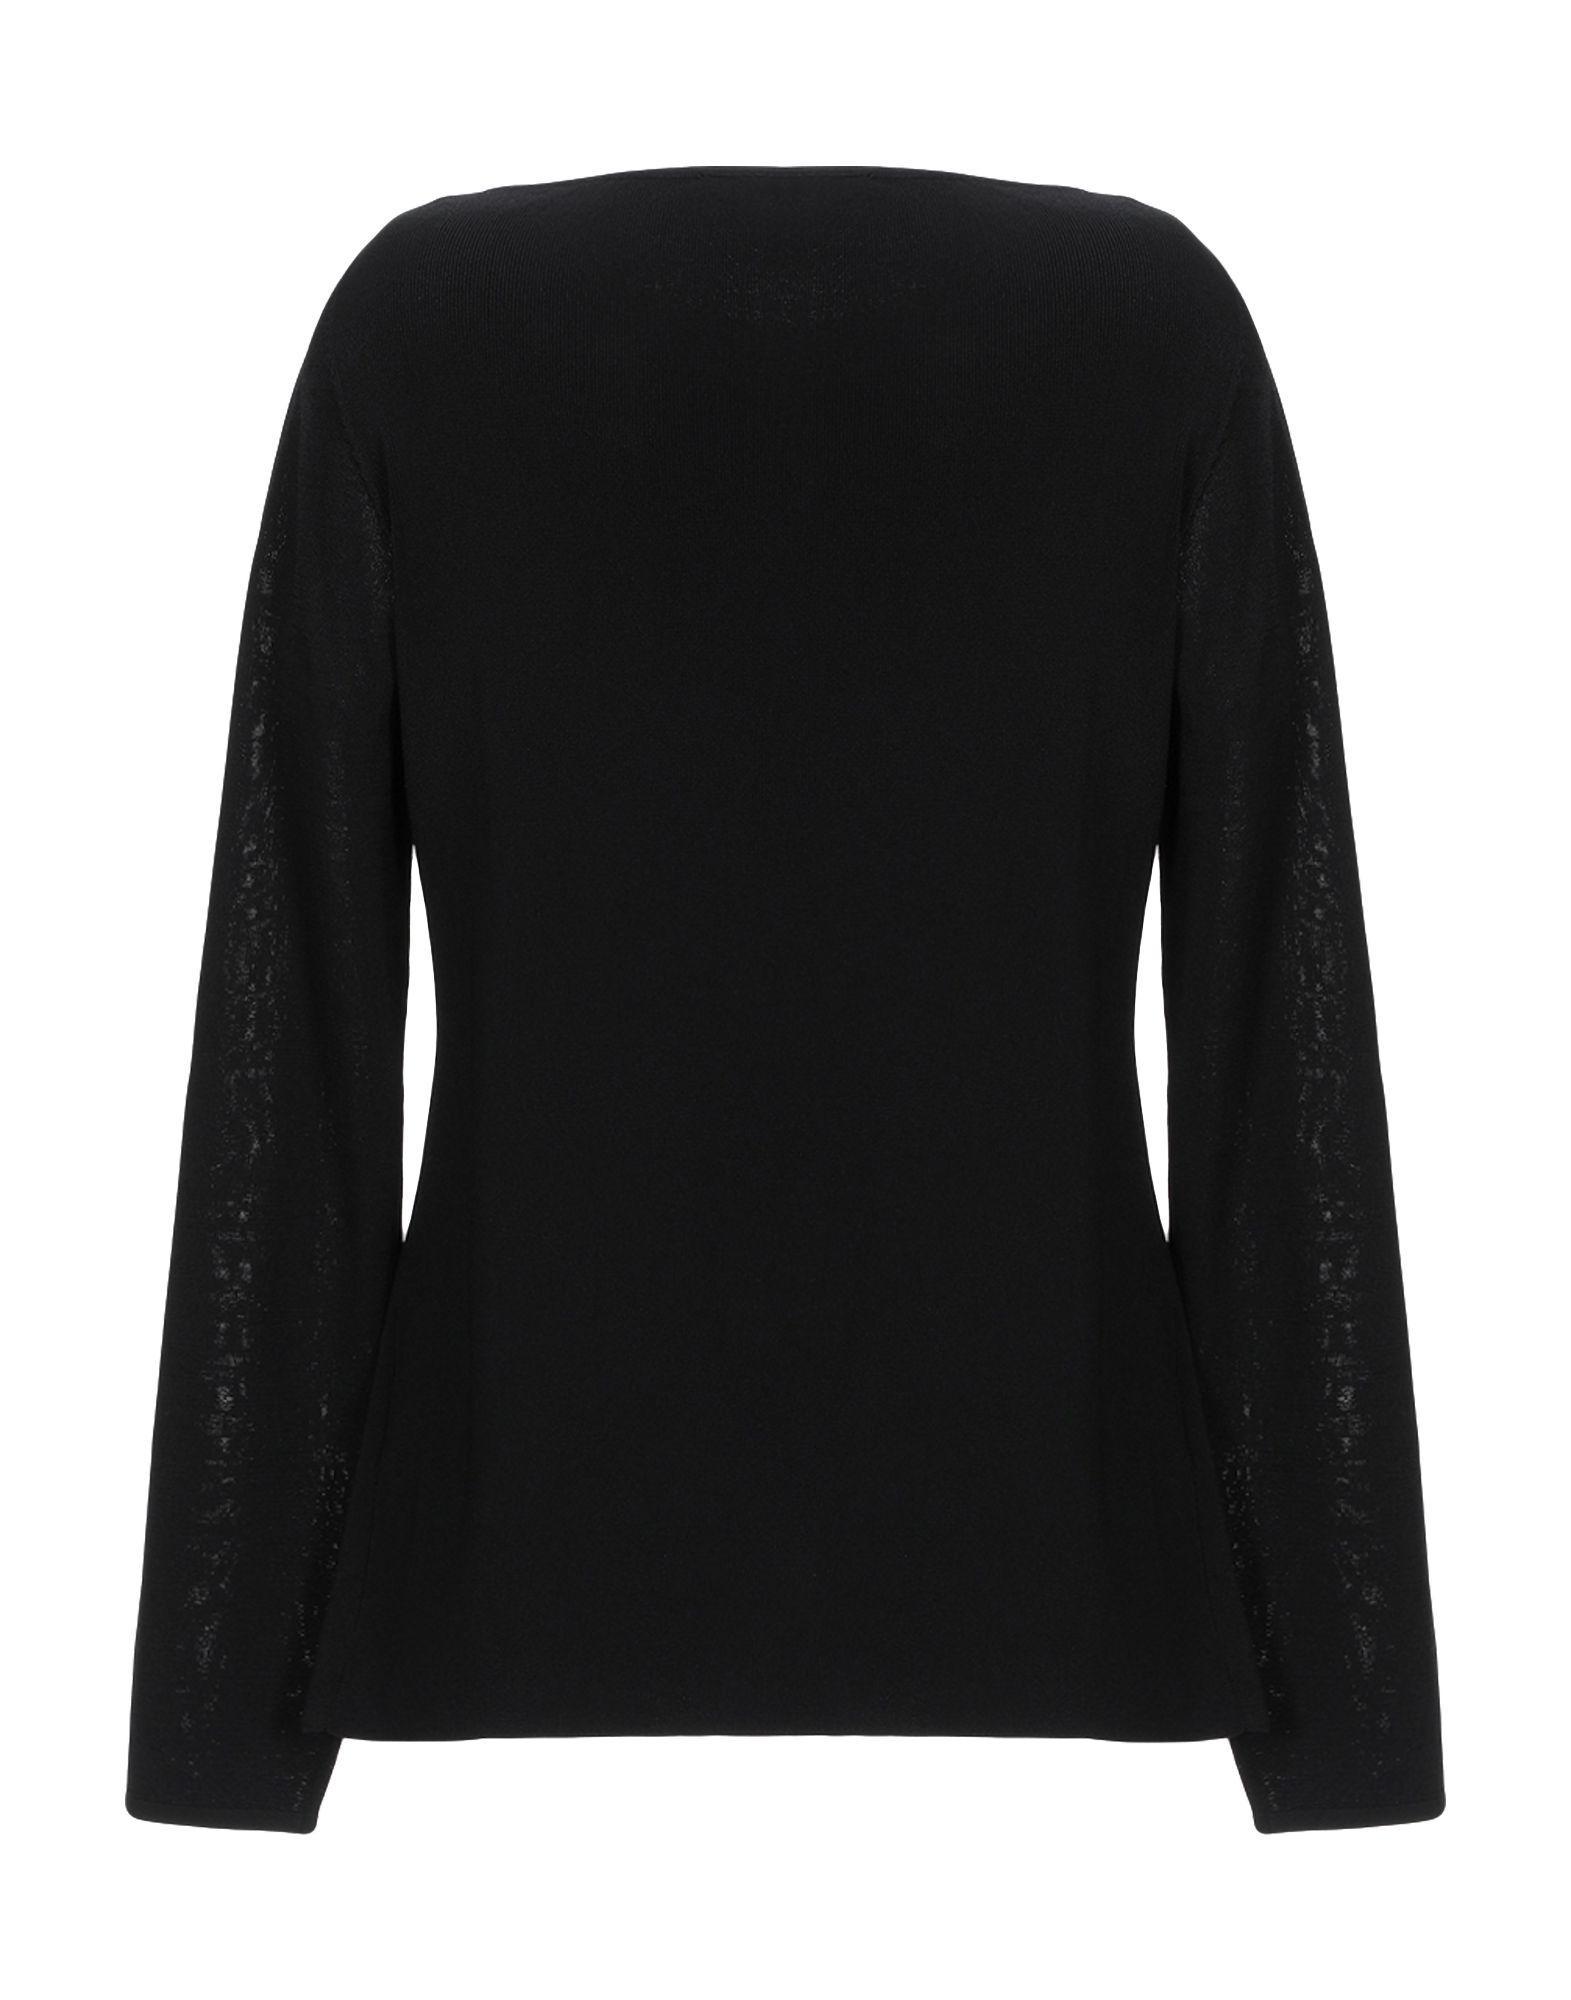 Pullover Synthétique Paule Ka en coloris Noir